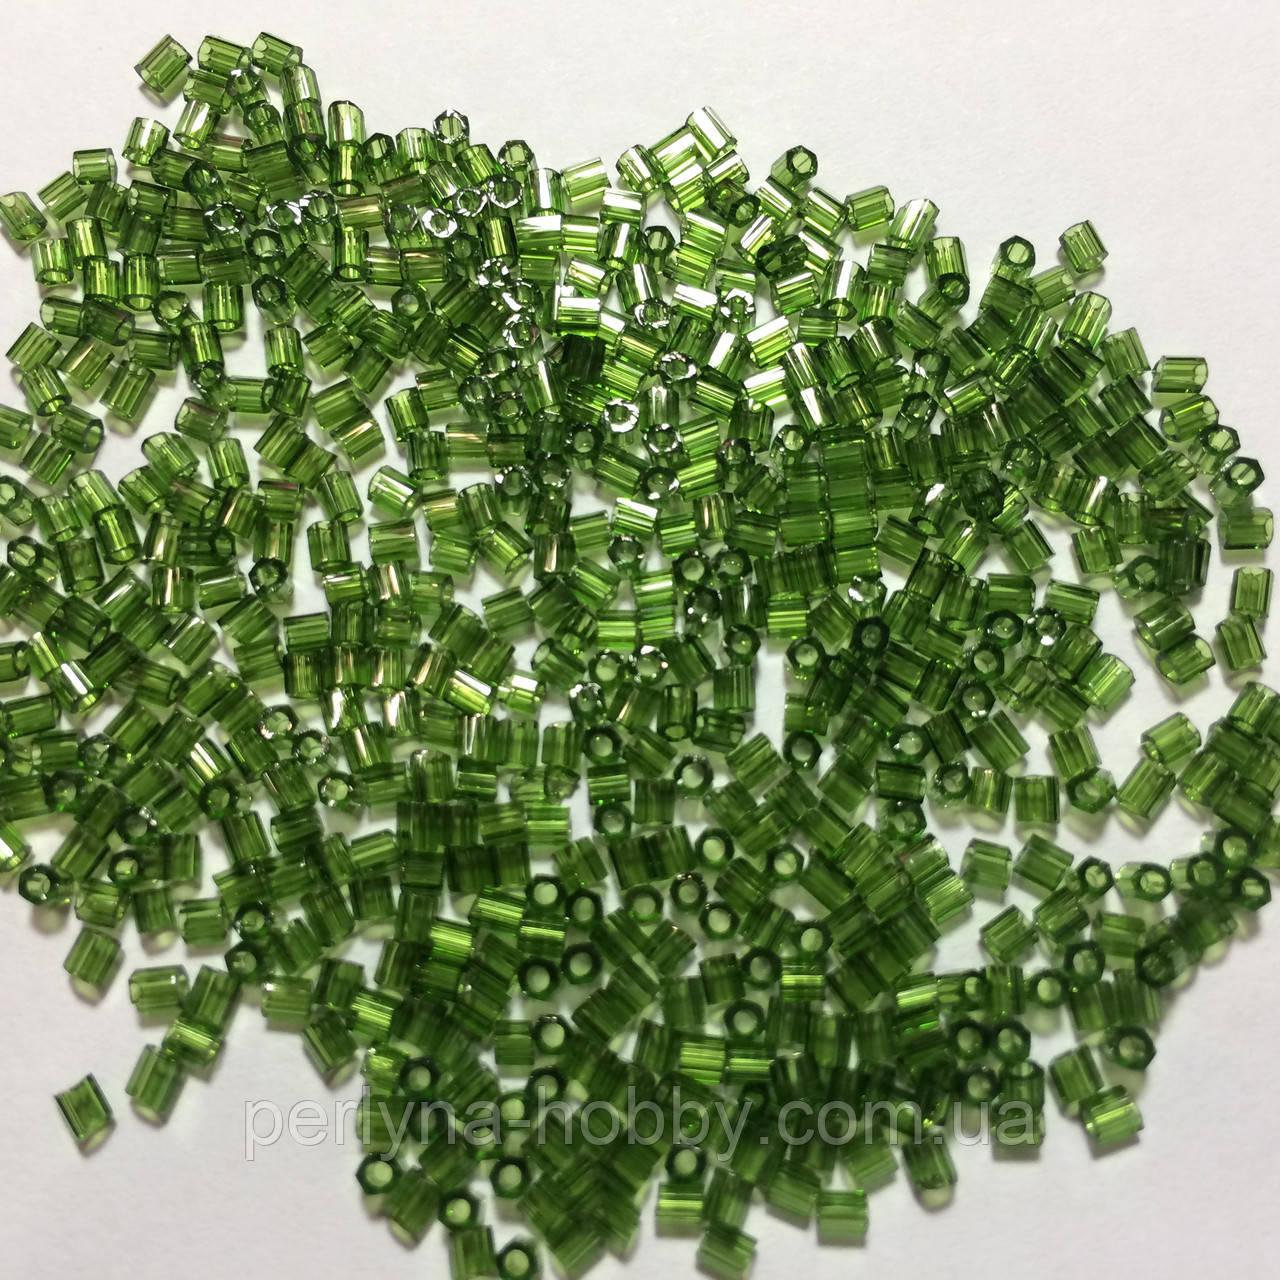 Бісер (бисер) MATSUNO Японія  рубка, 11/ 2 CUT 100 грам, № 25 зелений травянистий  прозорий